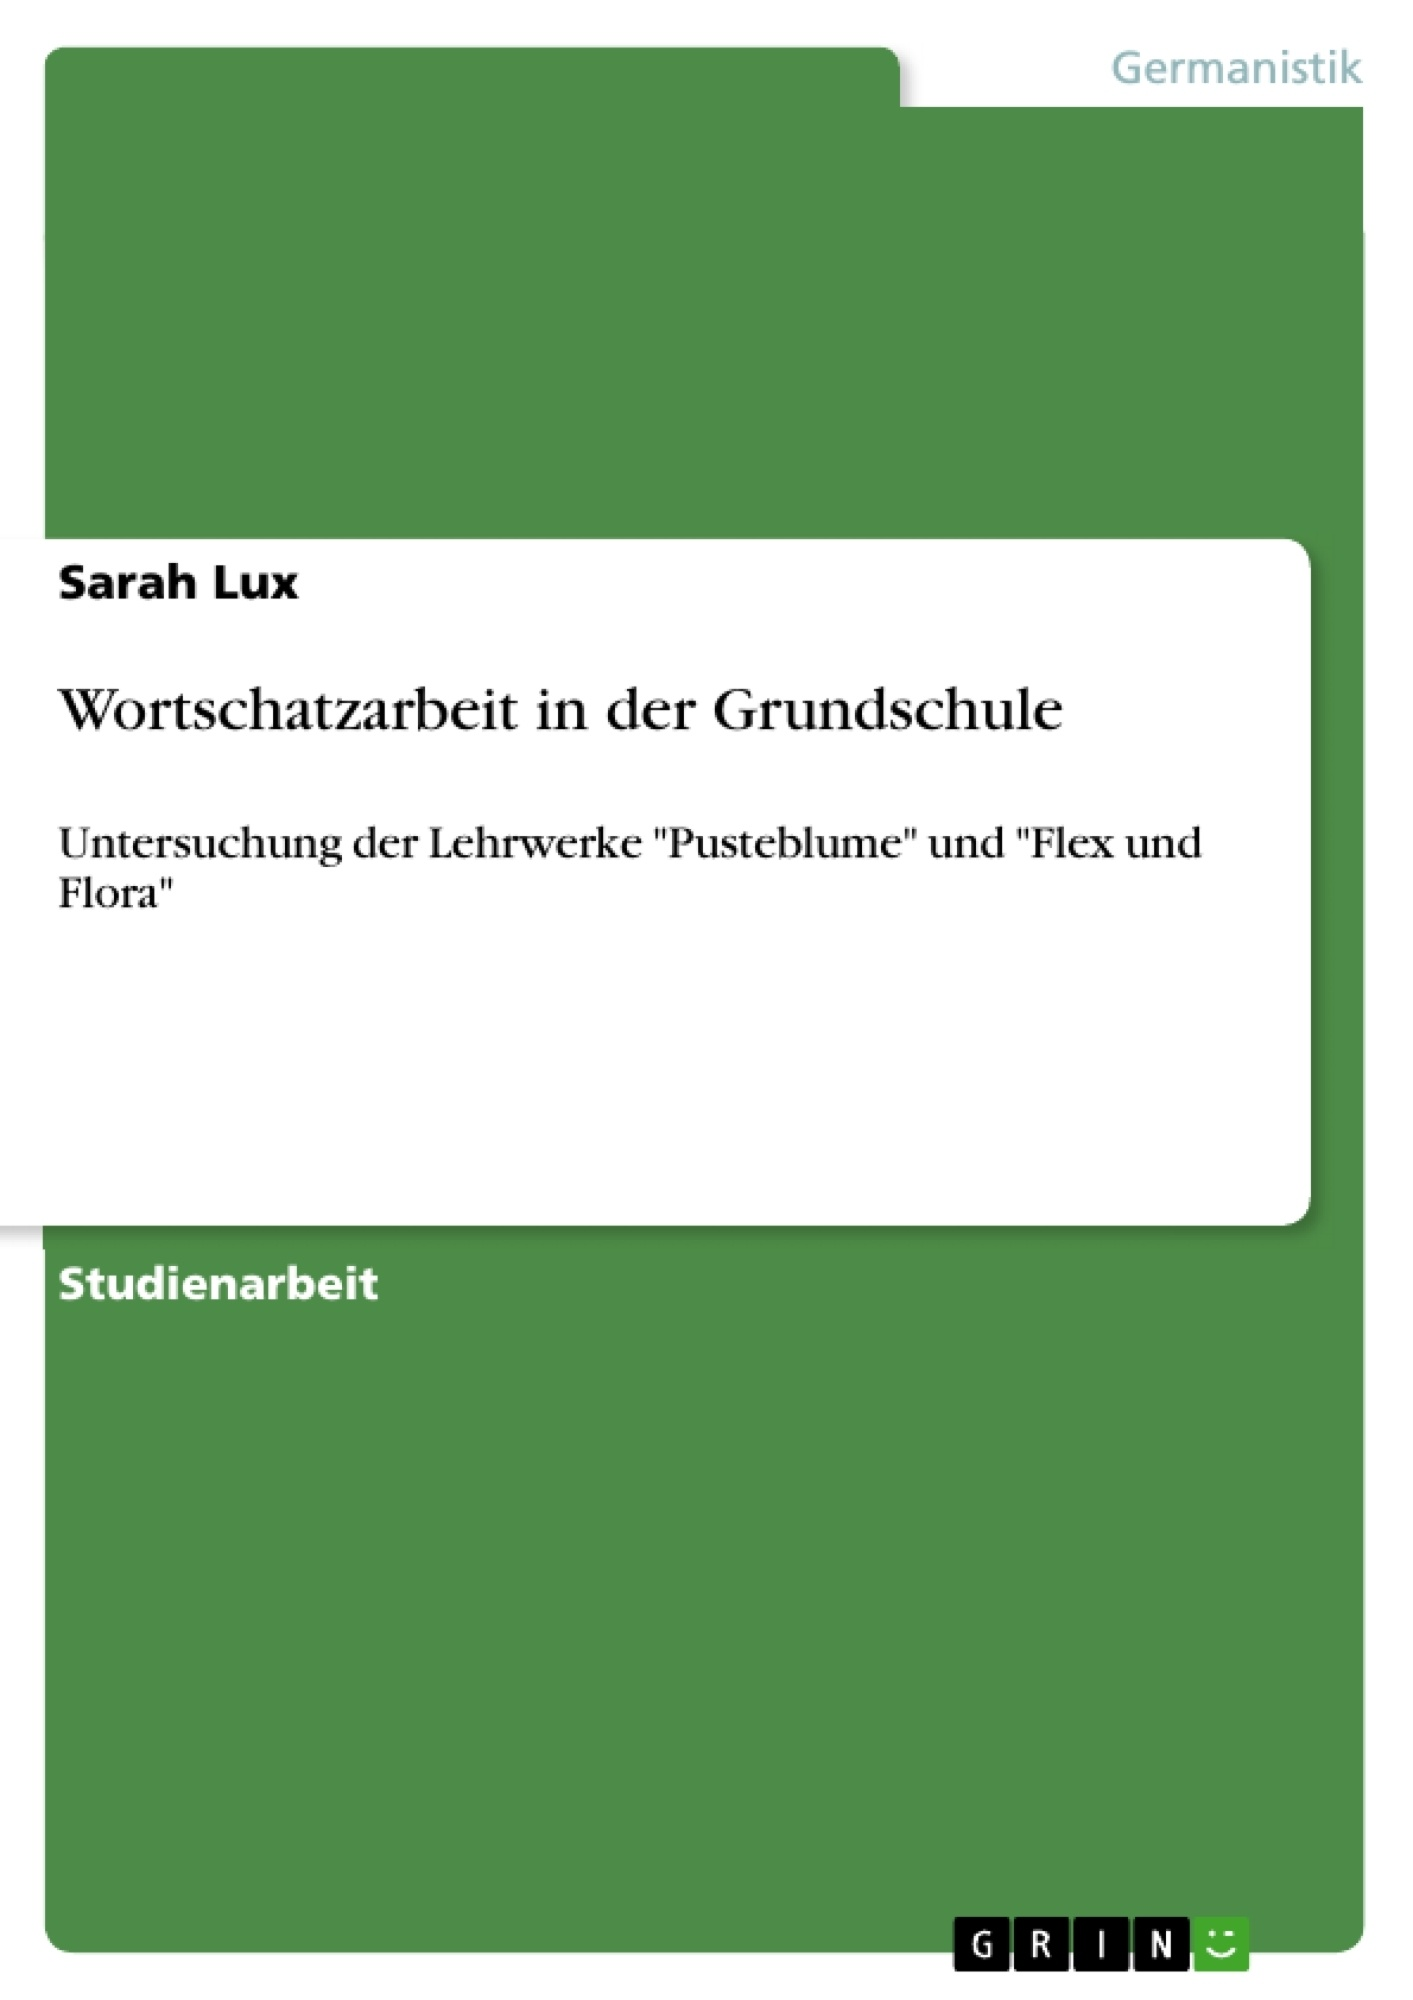 Titel: Wortschatzarbeit in der Grundschule